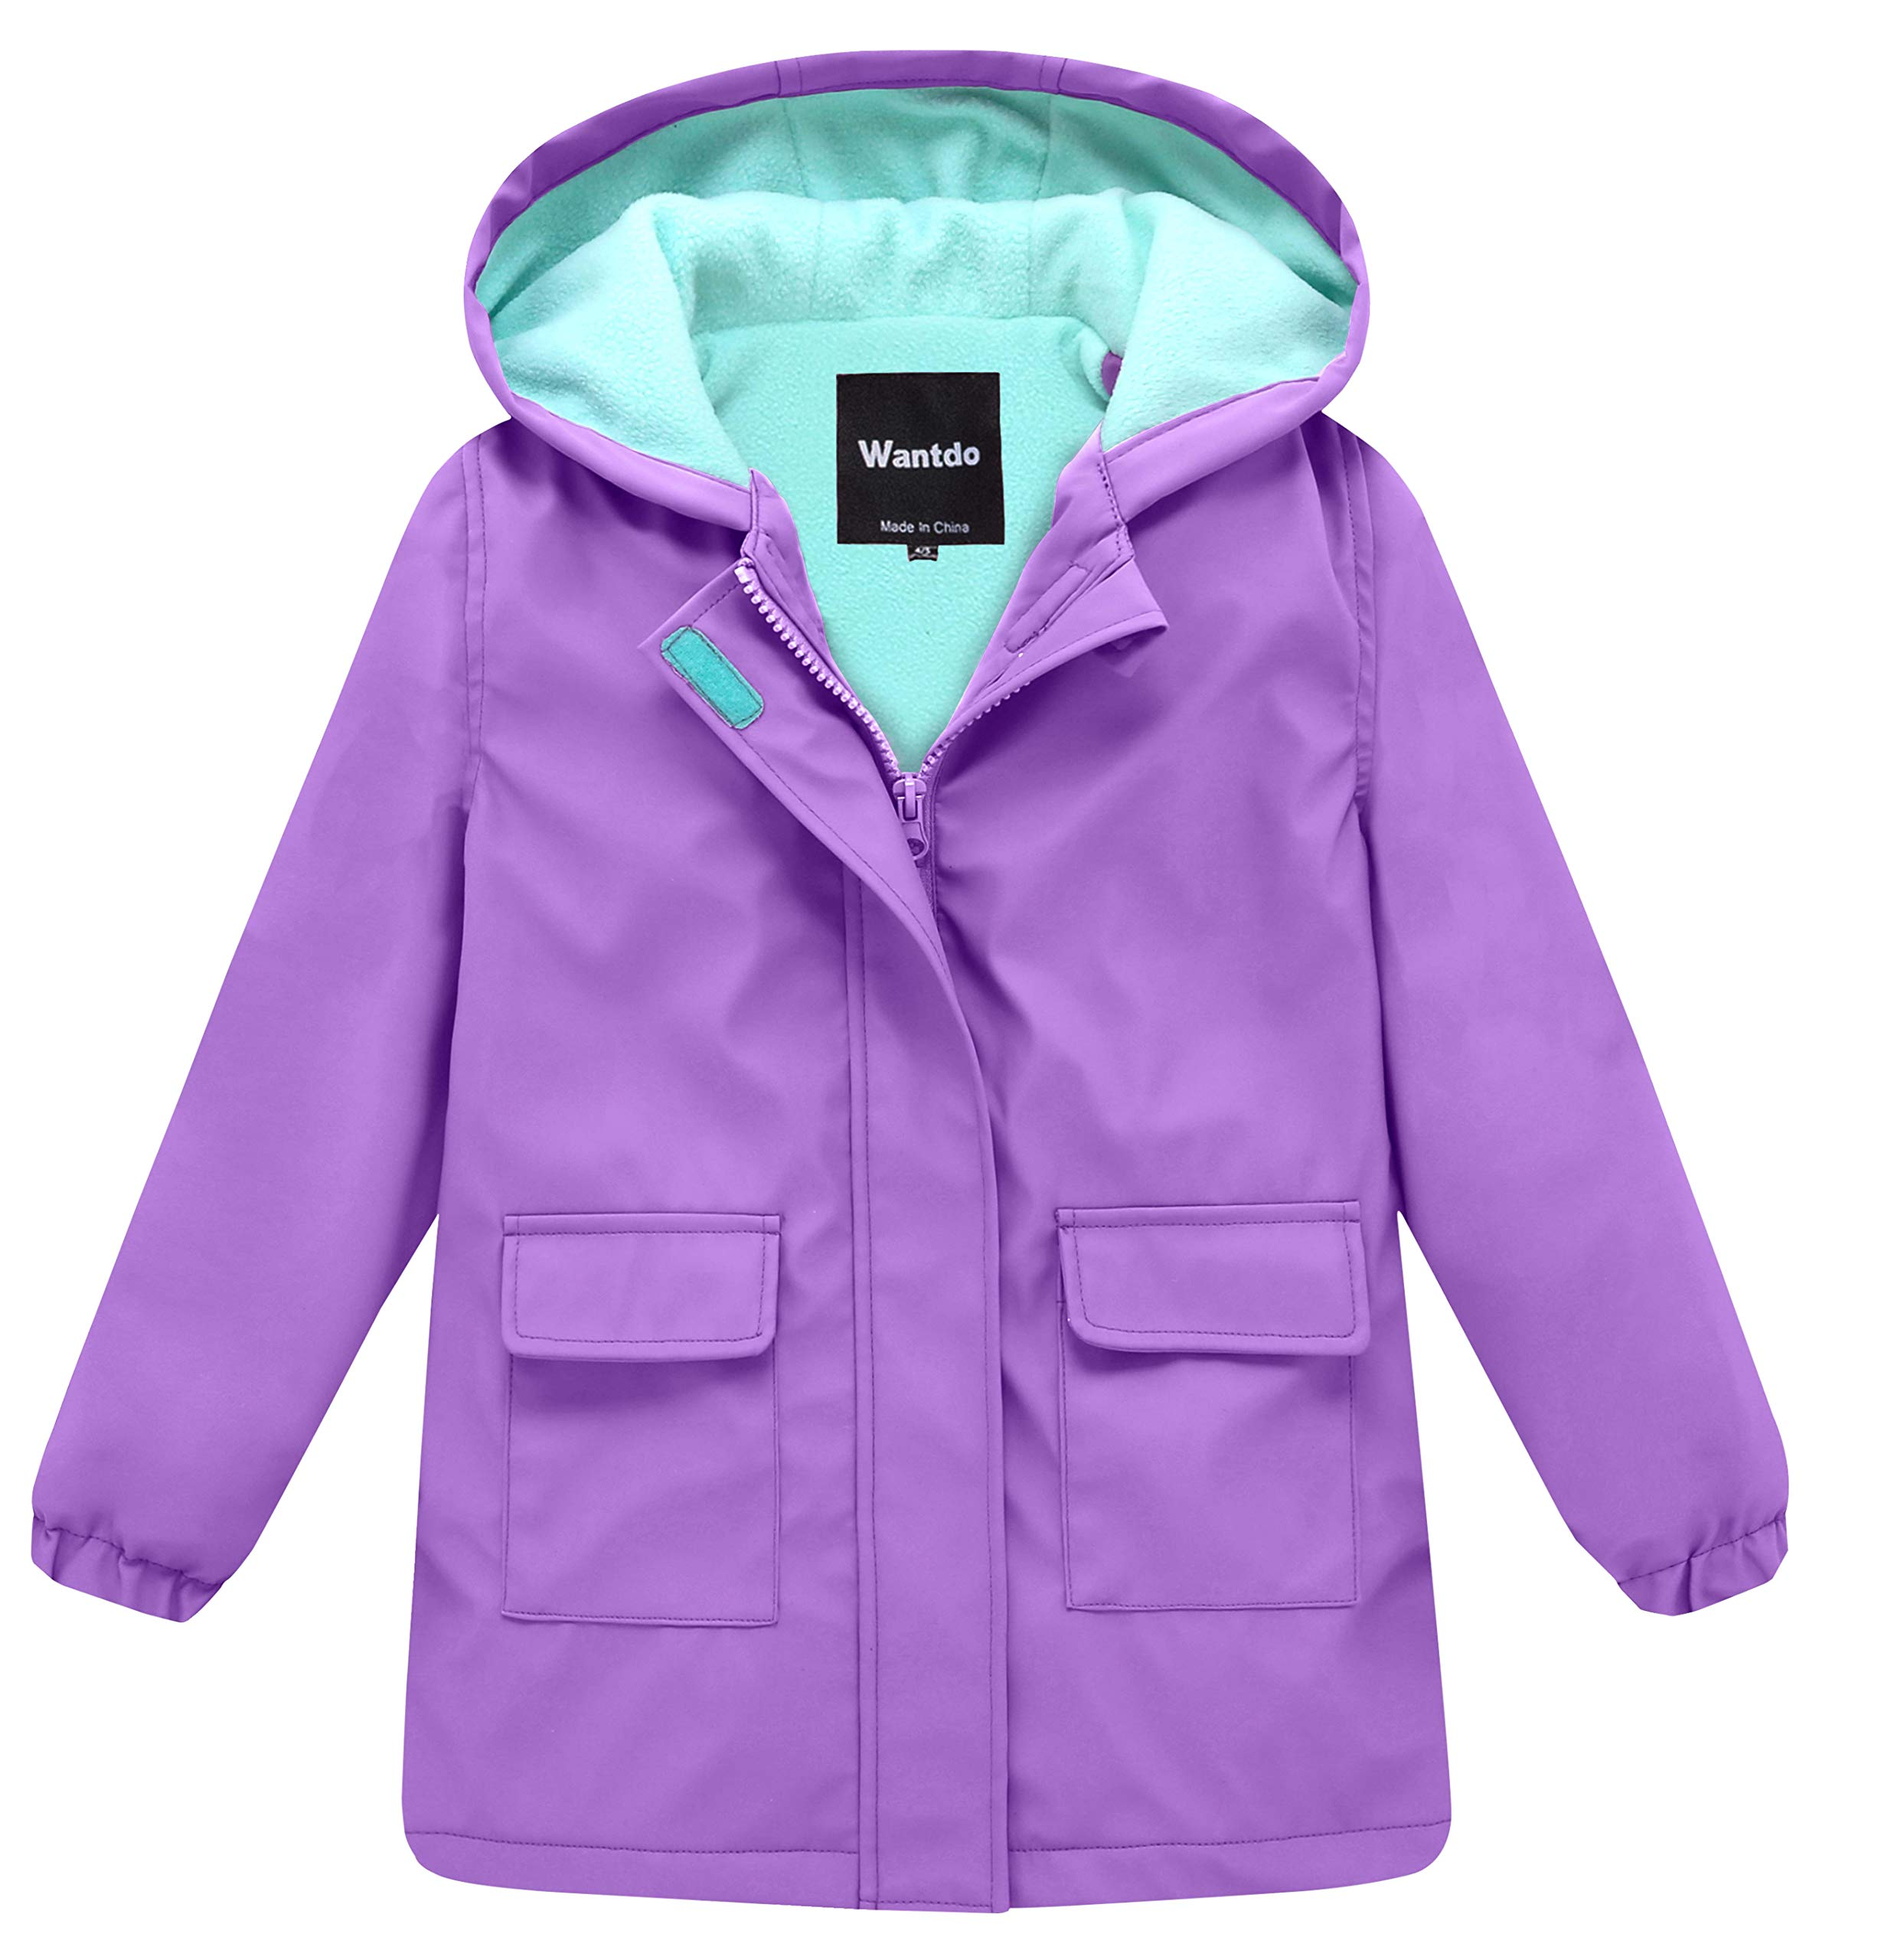 Wantdo Girl's and Boy's Hooded Rain Jacket Waterproof Fleece Lined Windbreaker(Purple, 7-8Y) by Wantdo